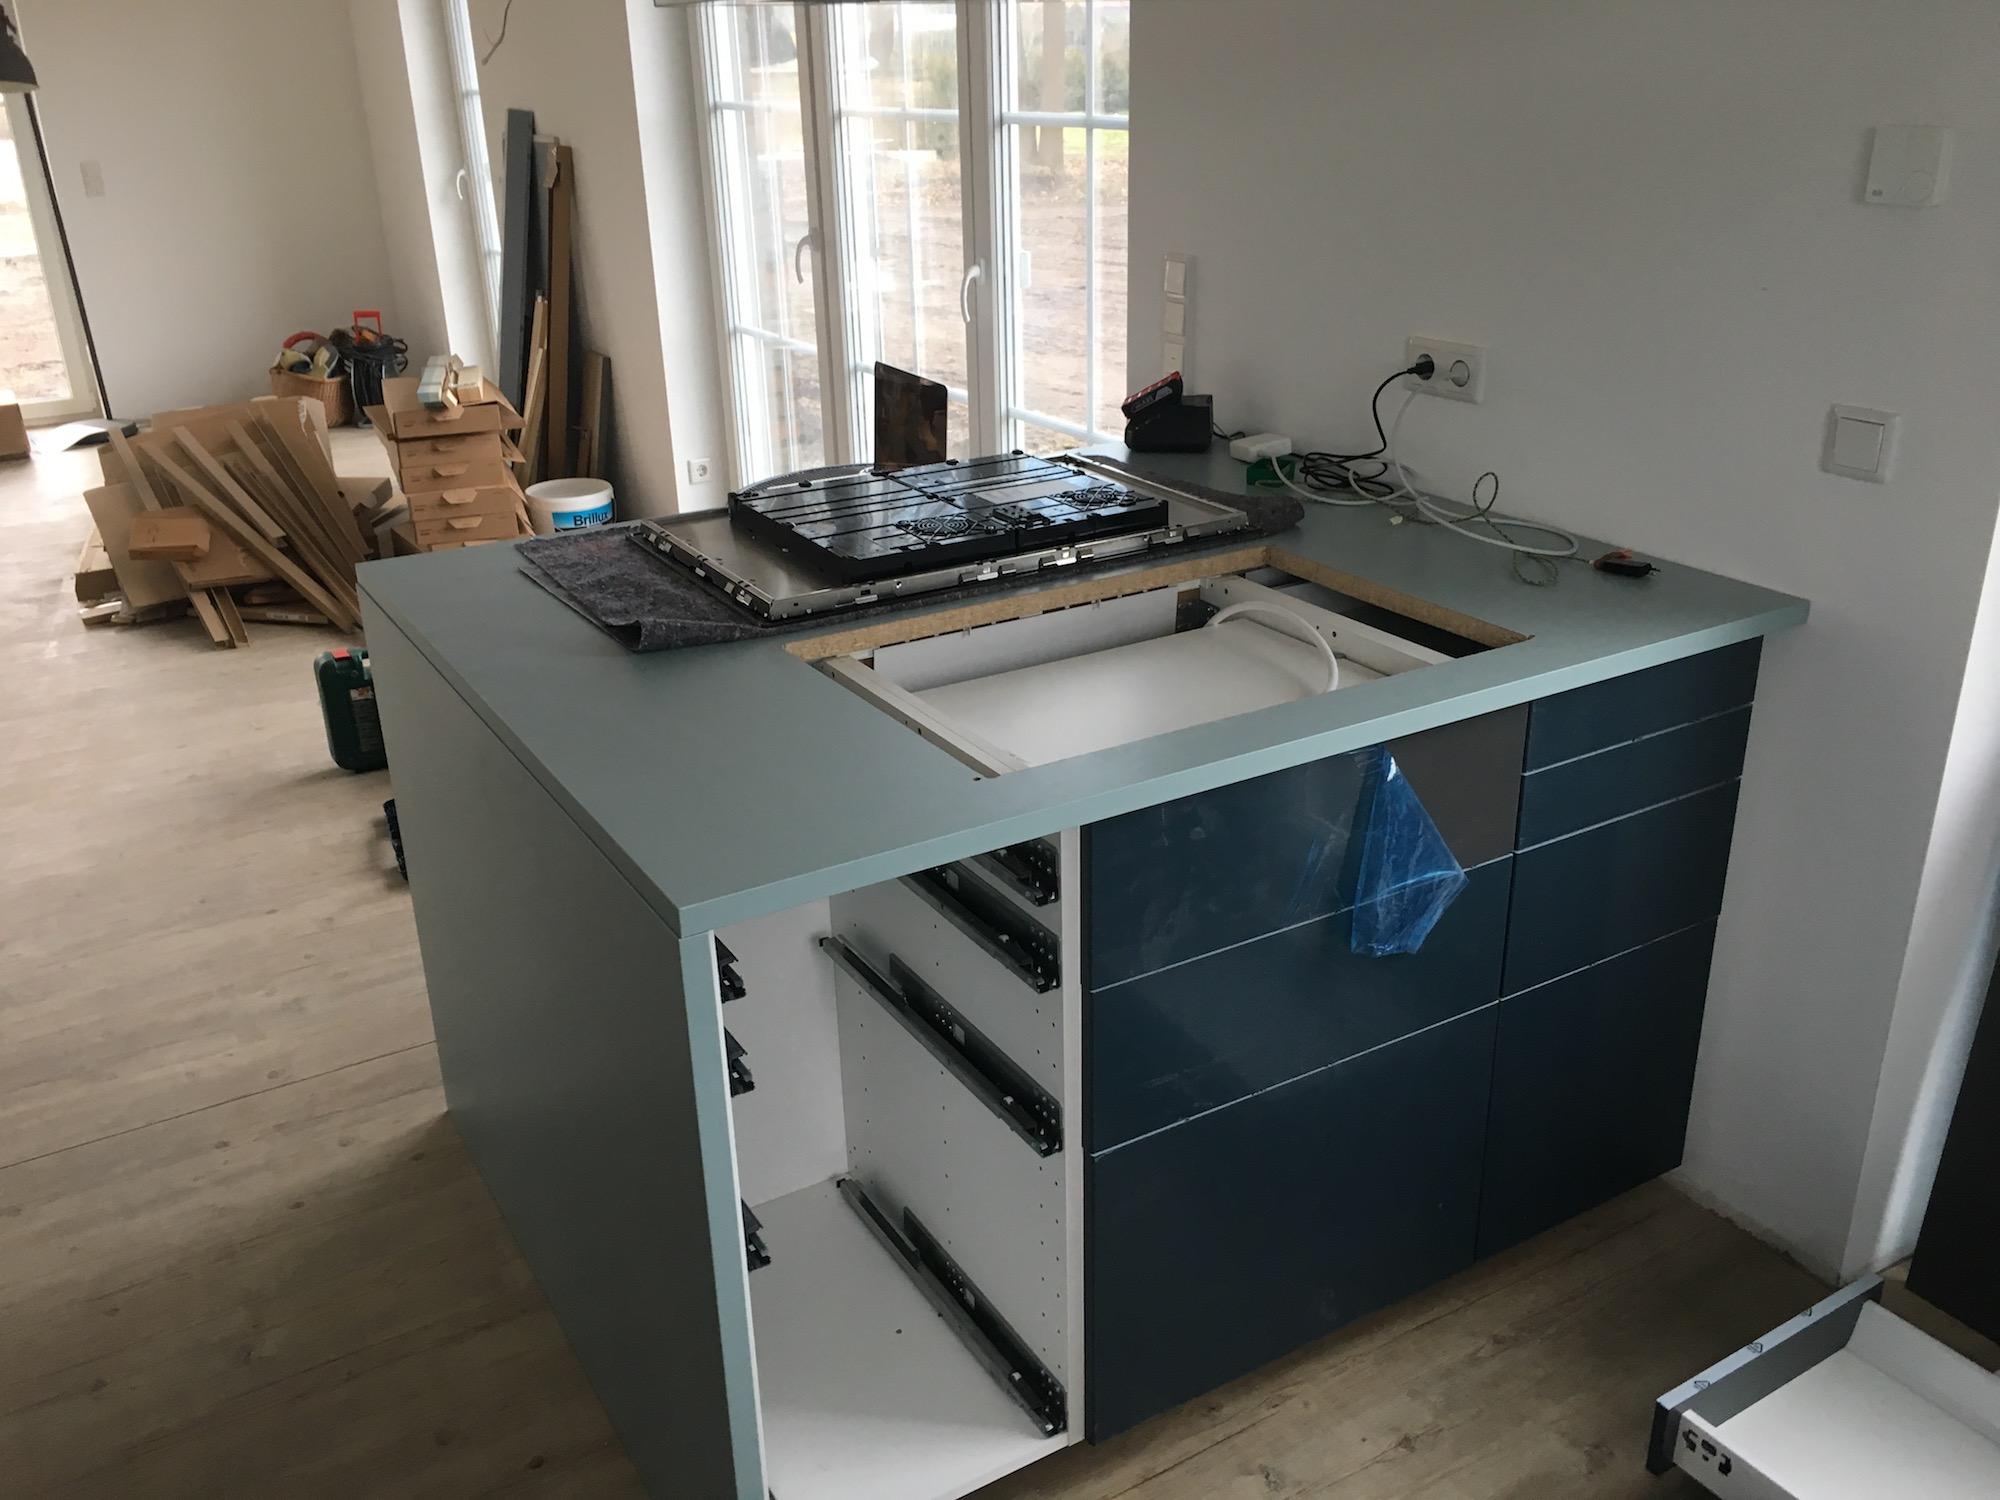 Full Size of Kücheninseln Ikea War So Eine Halb Gute Idee Wir Bauen Ein Küche Kaufen Kosten Modulküche Miniküche Betten 160x200 Sofa Mit Schlaffunktion Bei Wohnzimmer Kücheninseln Ikea